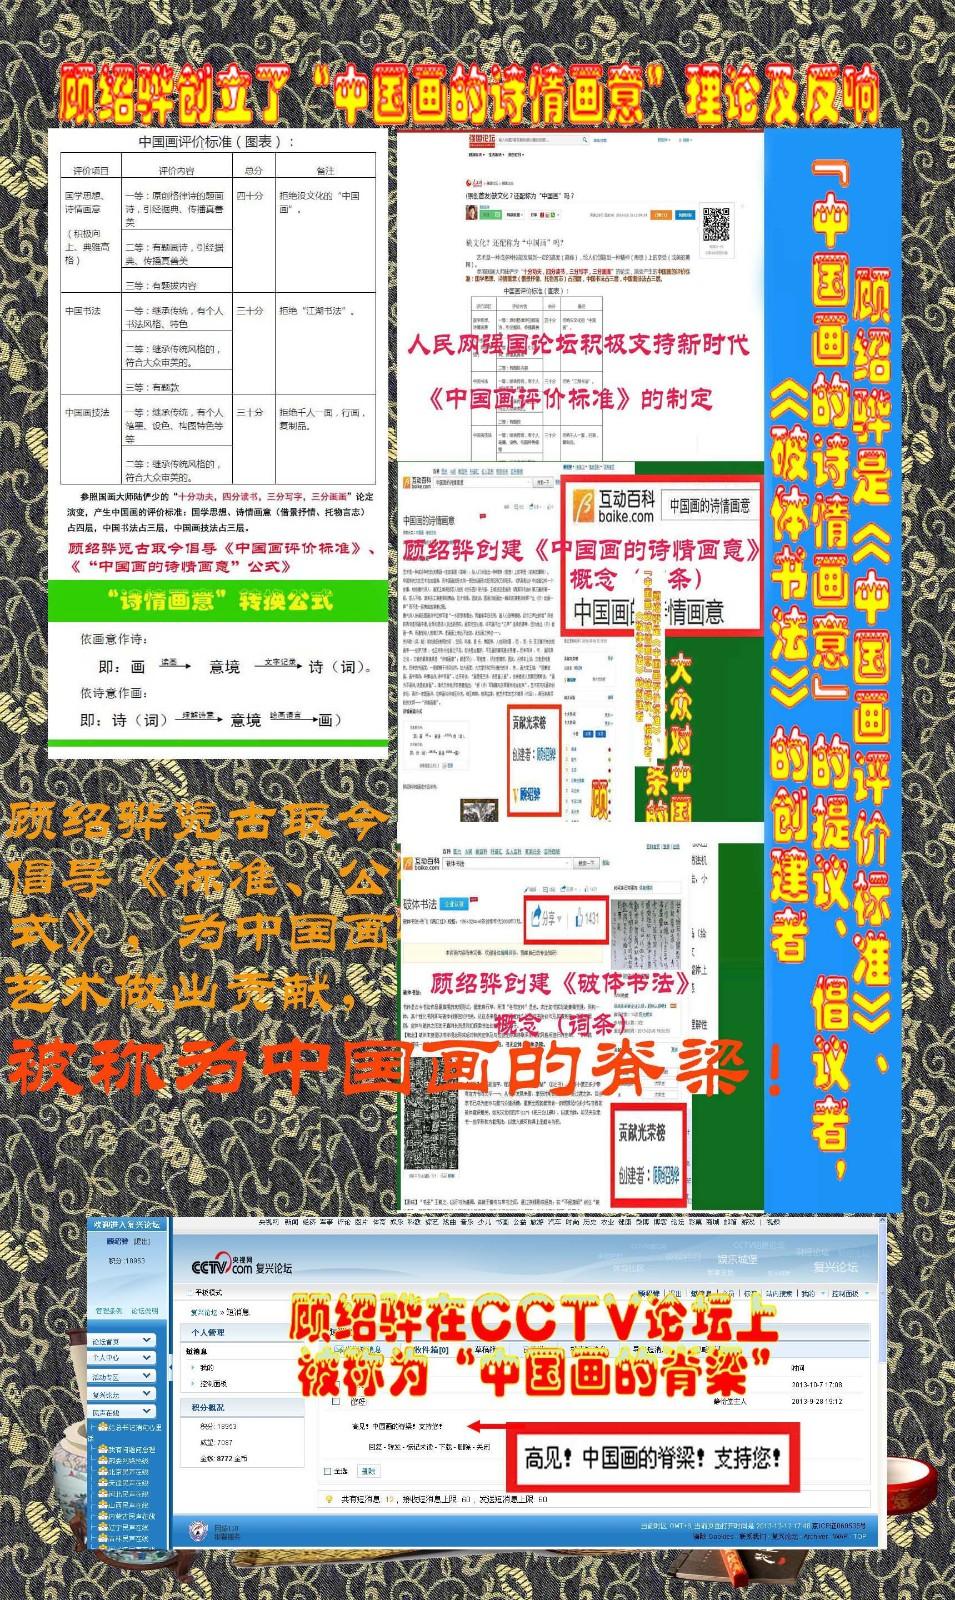 顾绍骅在中国画方面作出的一点贡献_图1-11